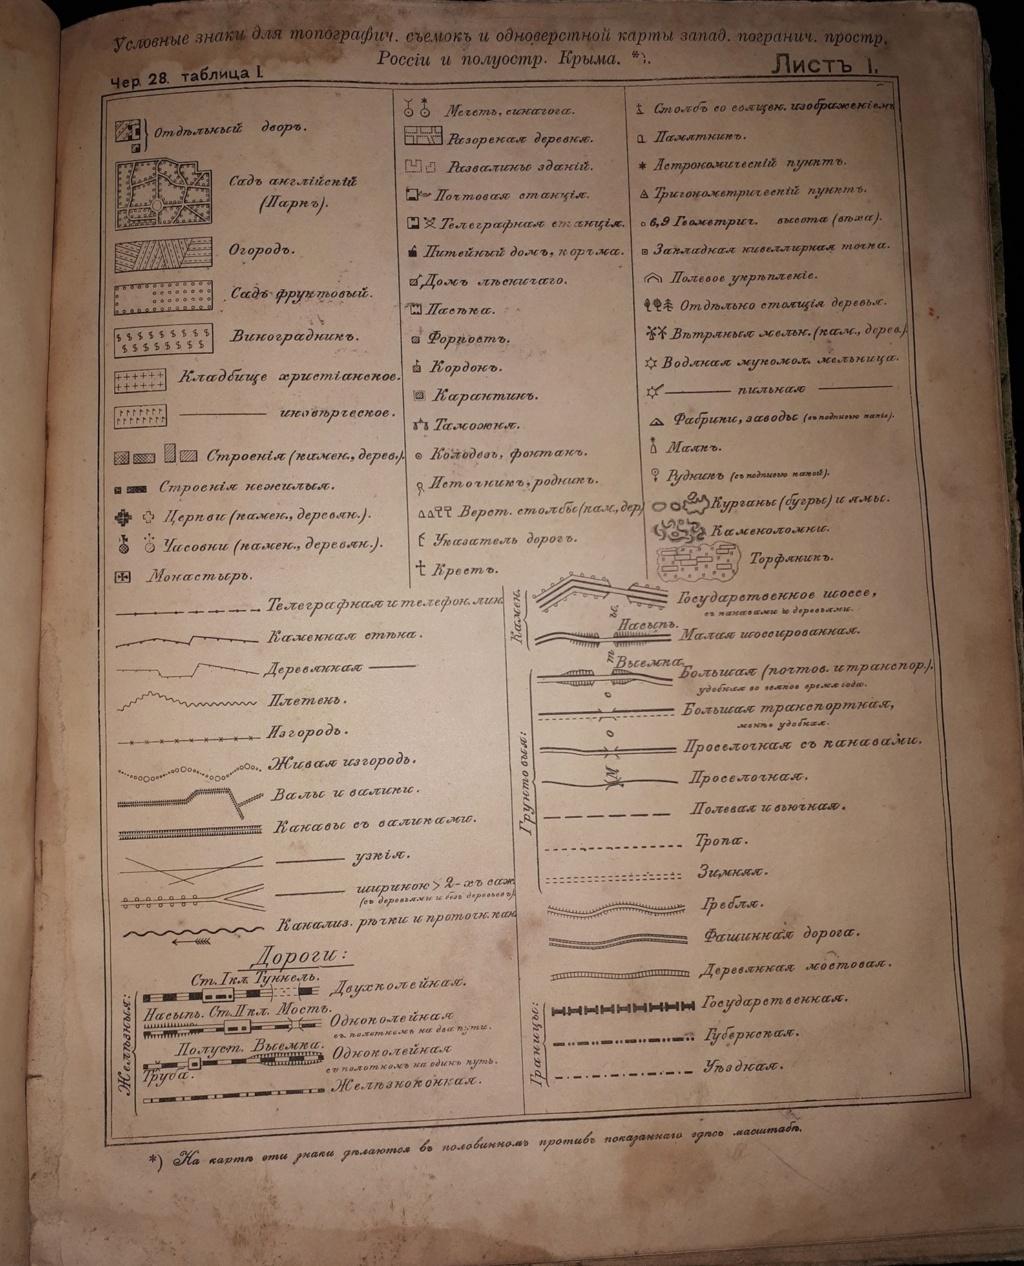 Записки військових топографів, І. Зибін 229